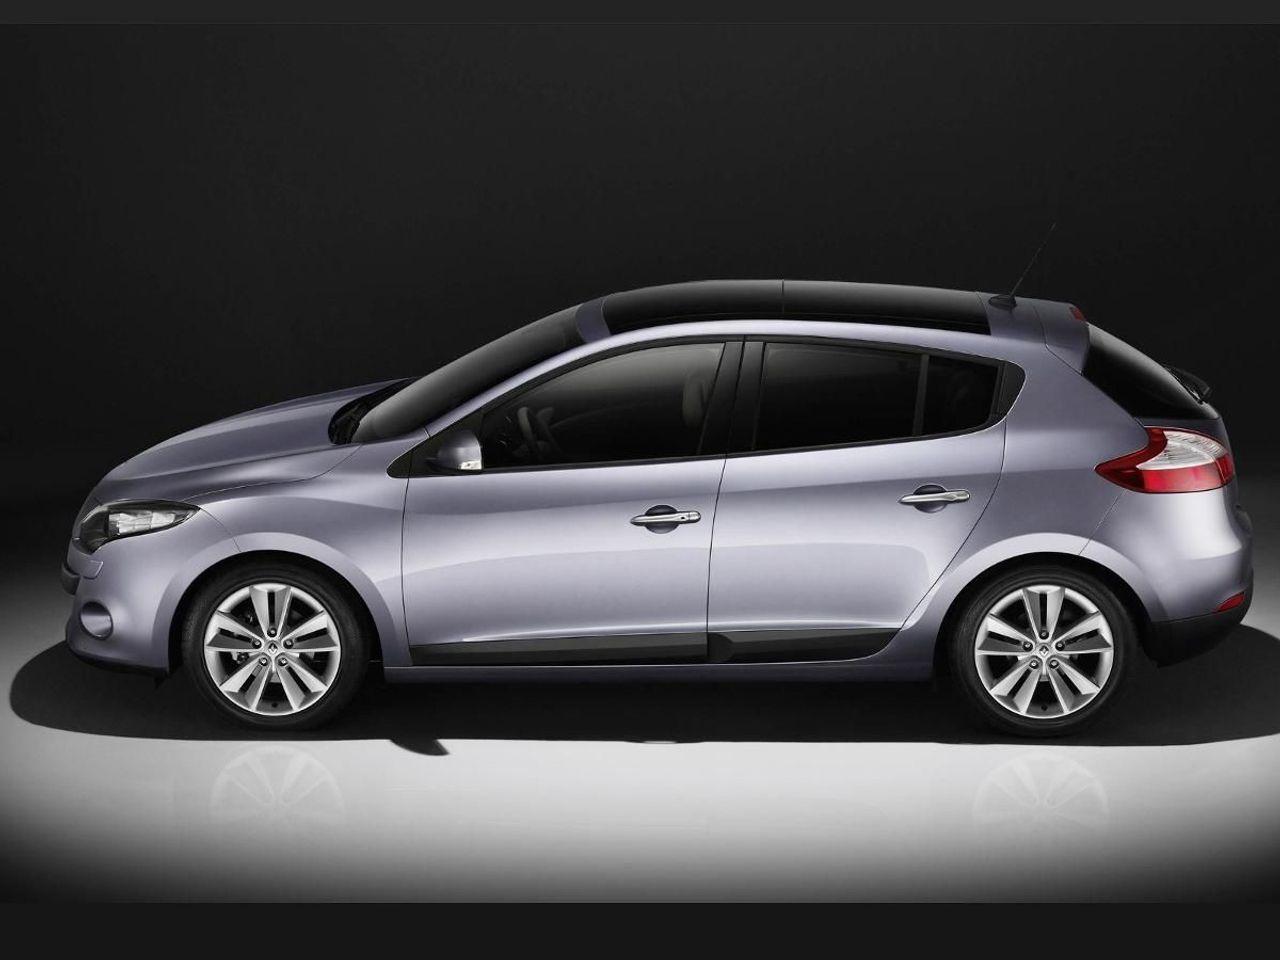 Renault Megane Hatch